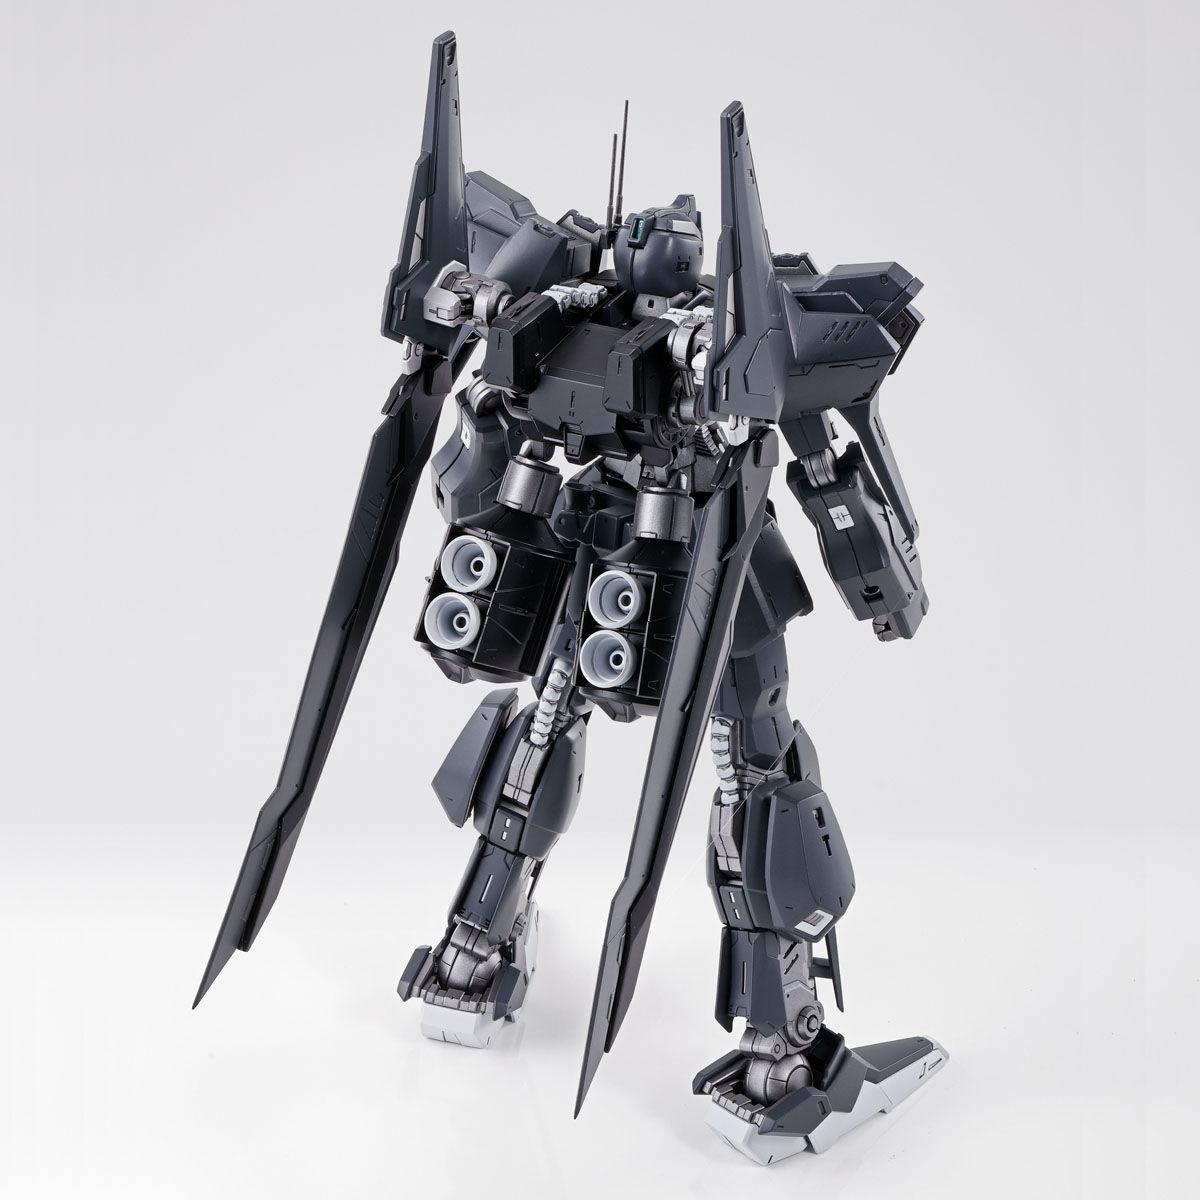 MG 1/100『百式壊』プラモデル-005